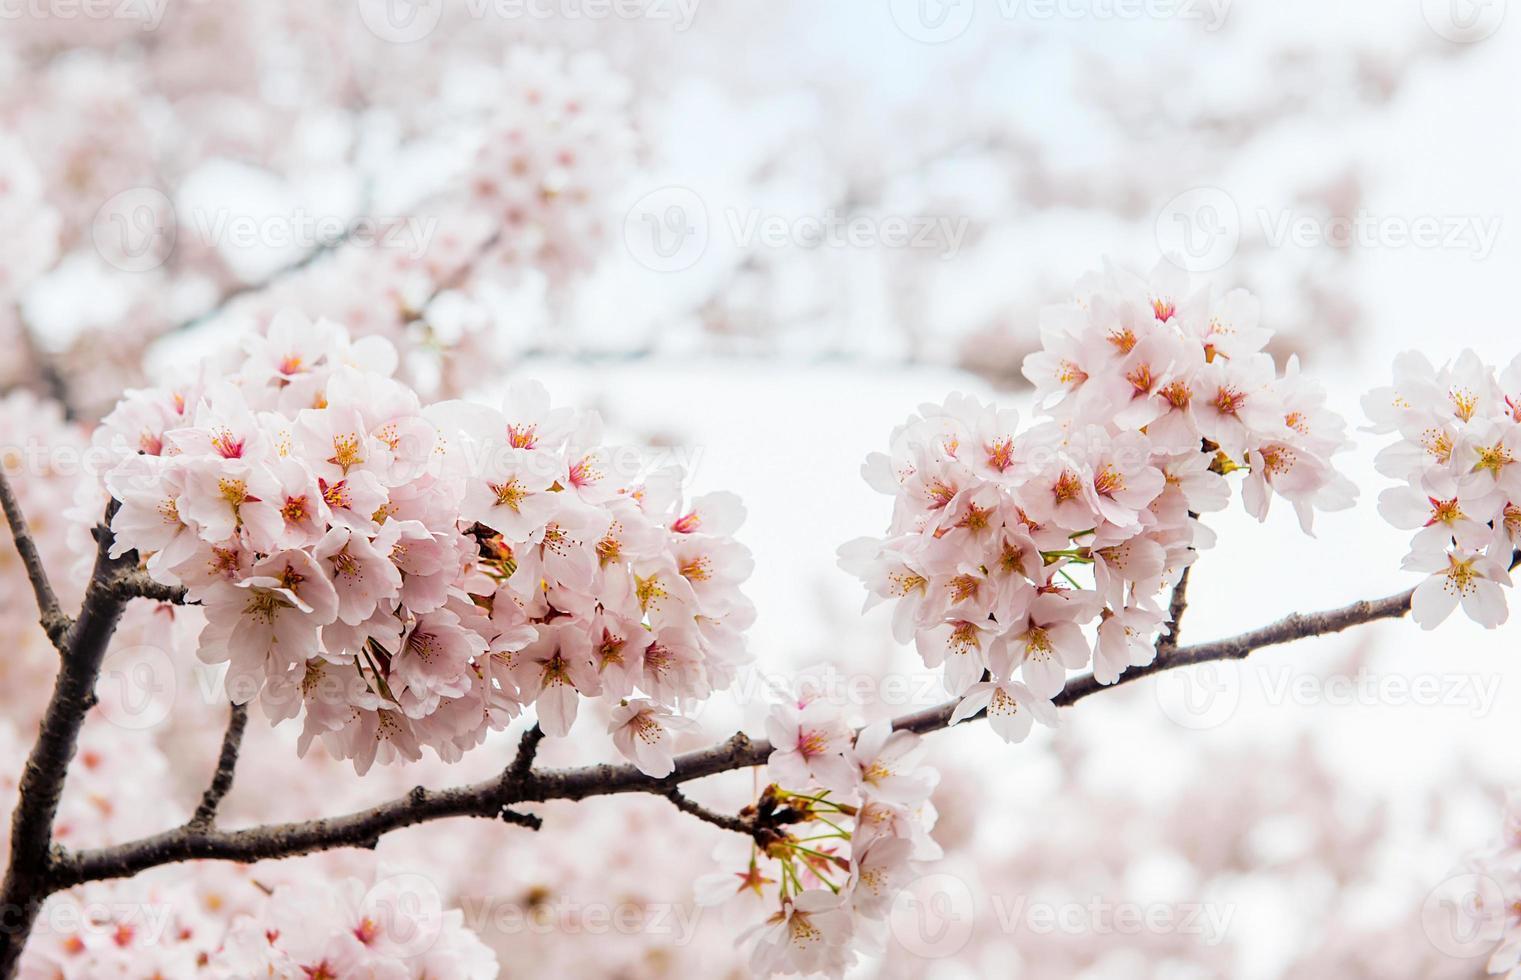 kersenbloesem met zachte focus, sakura seizoen in korea foto